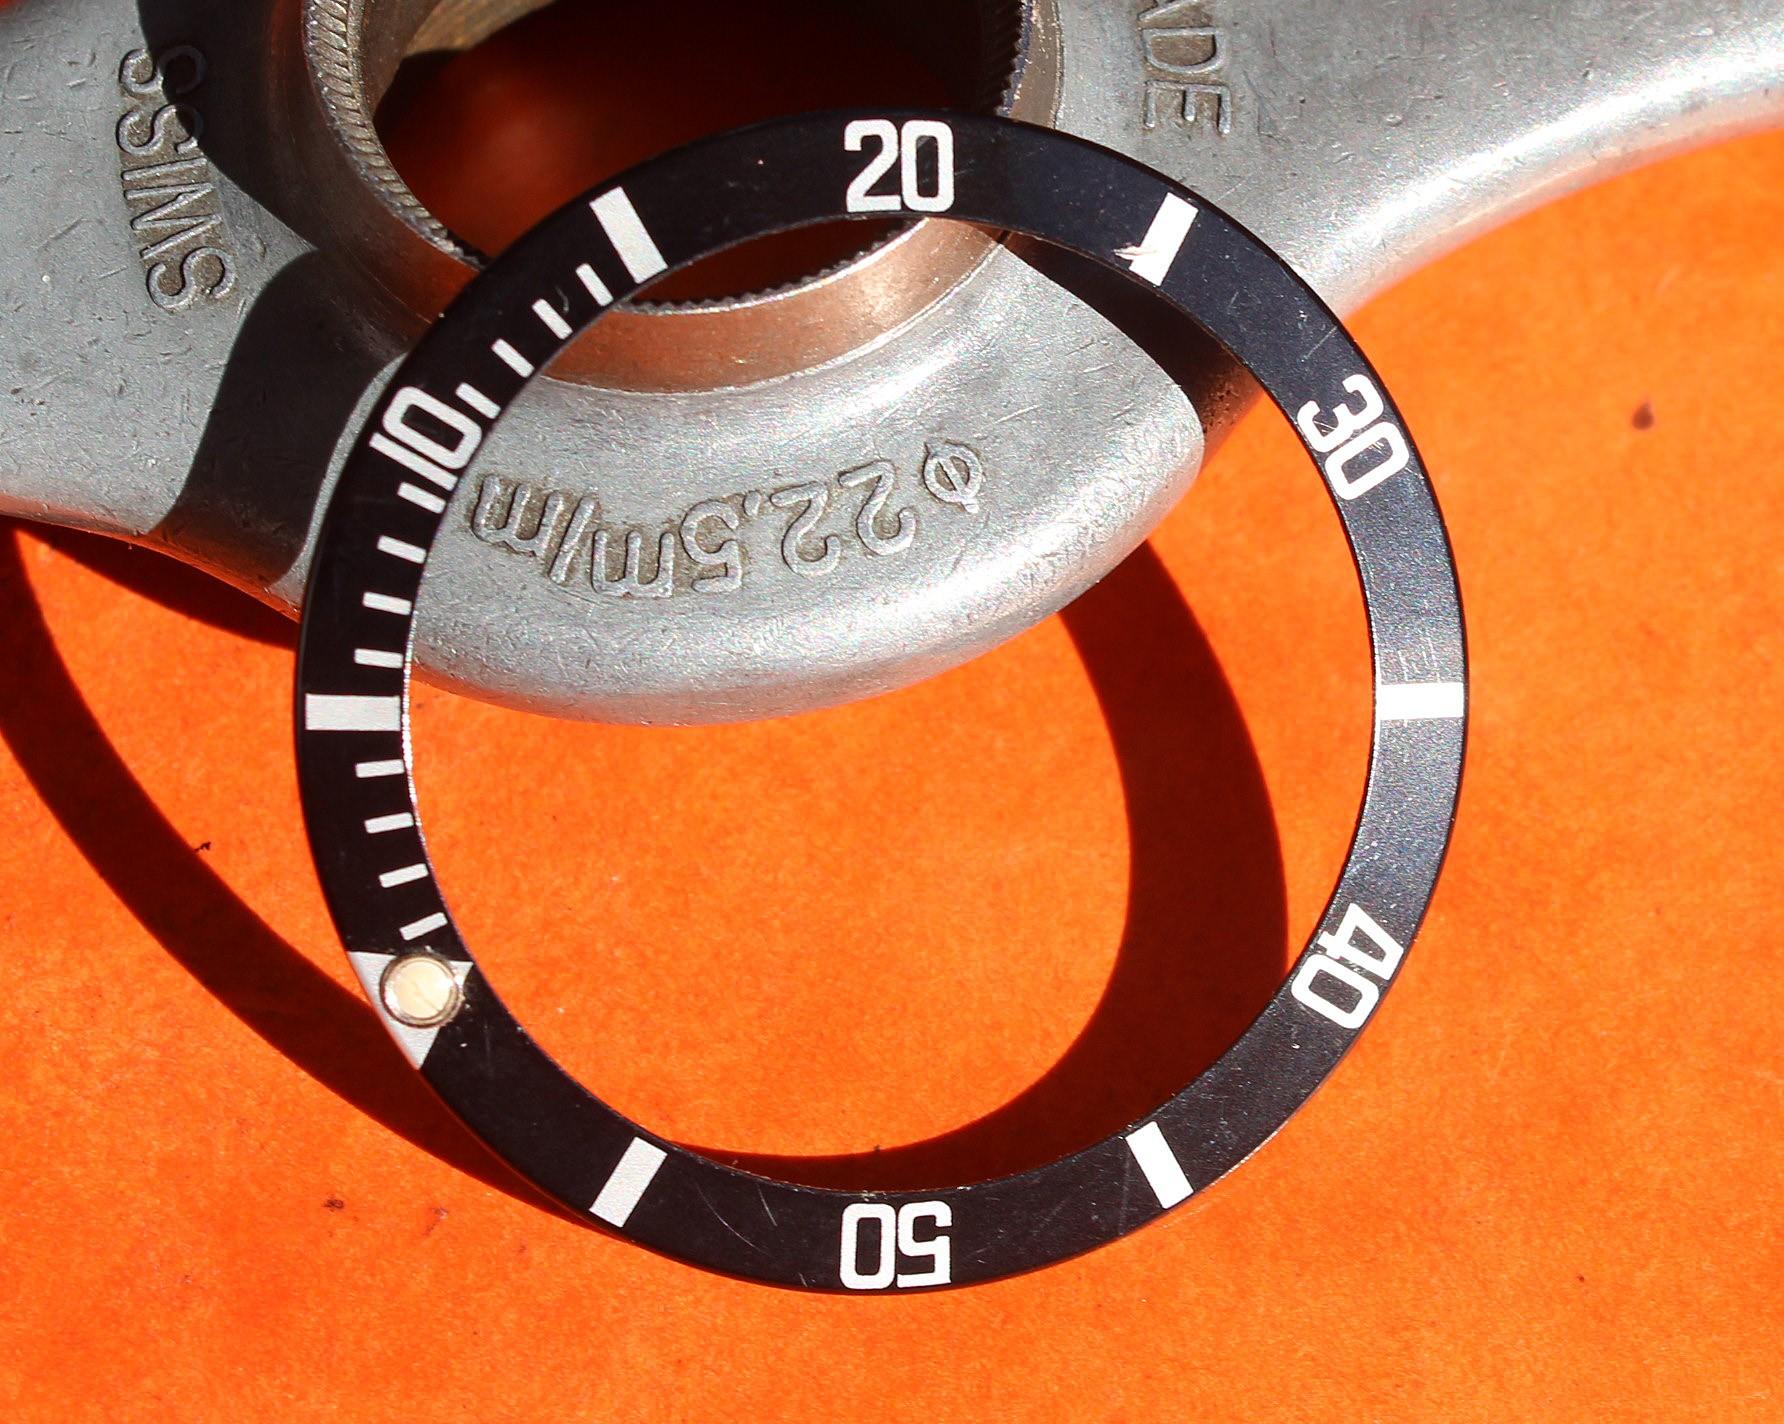 RARE VINTAGE ROLEX INSERT MONTRES 16800, 16800, 16610 SUBMARINER DATE & PERLE LUMINOVA